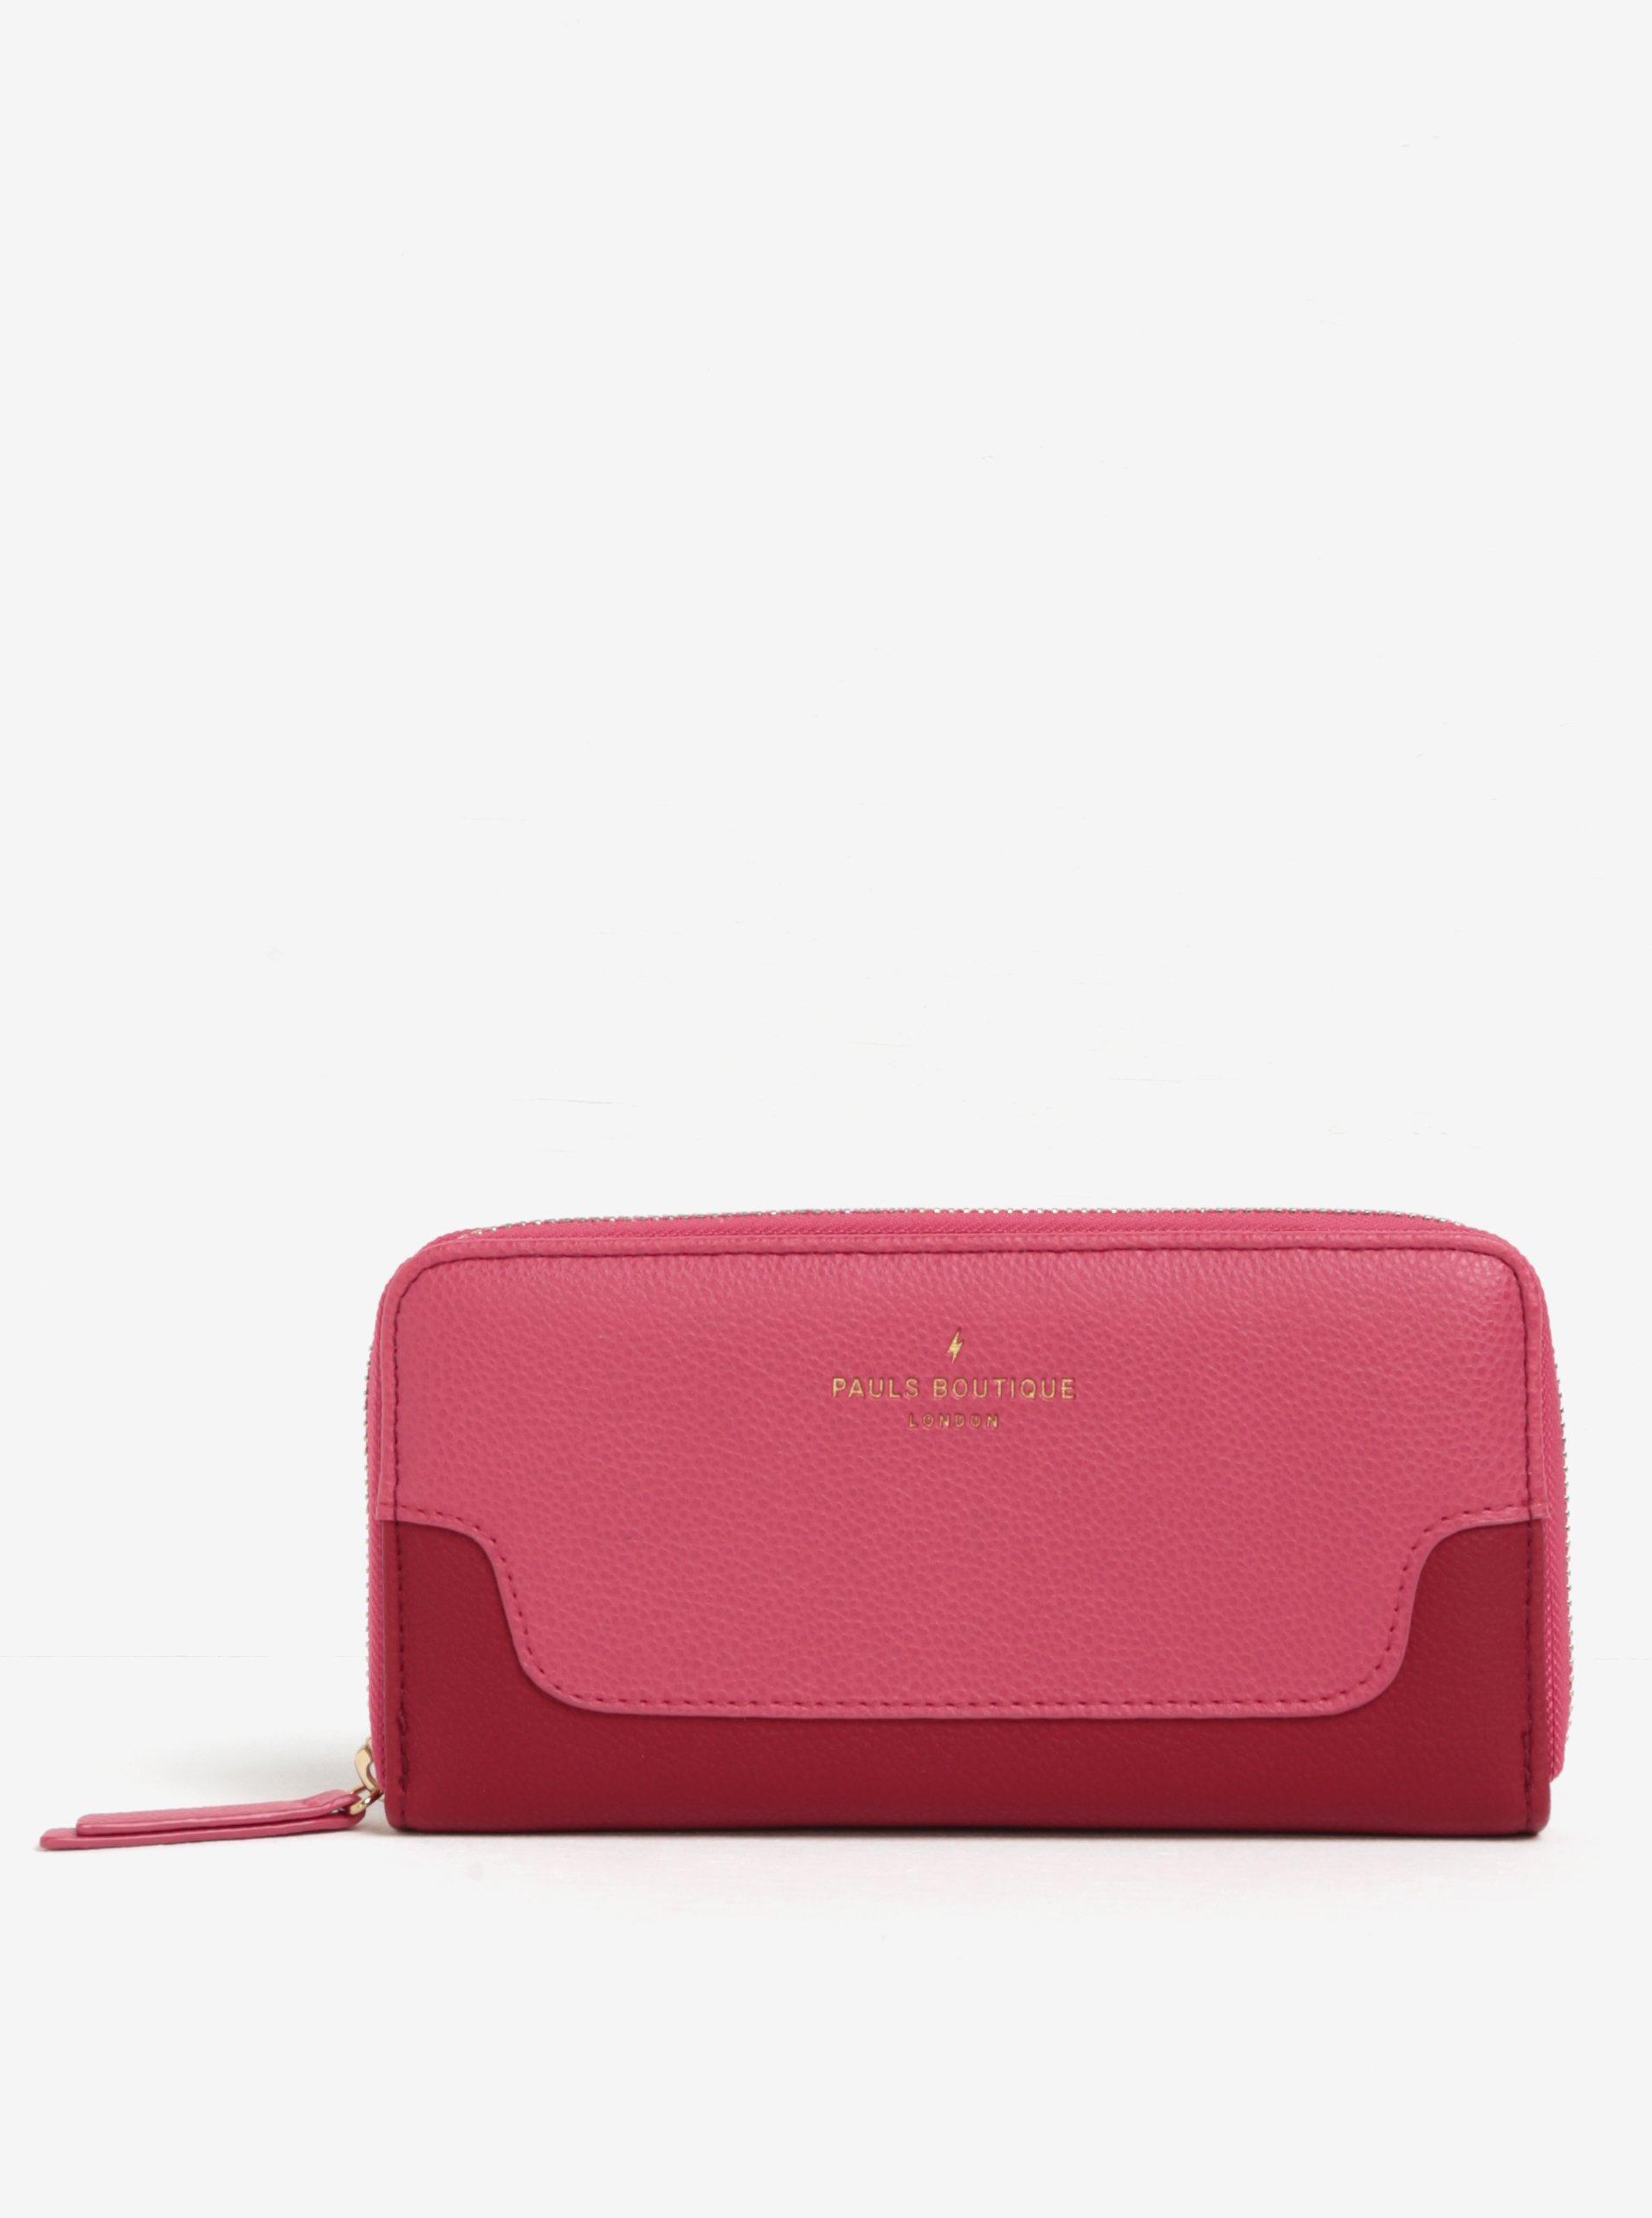 Červeno-růžová peněženka na zip Paul's Boutique Caroline